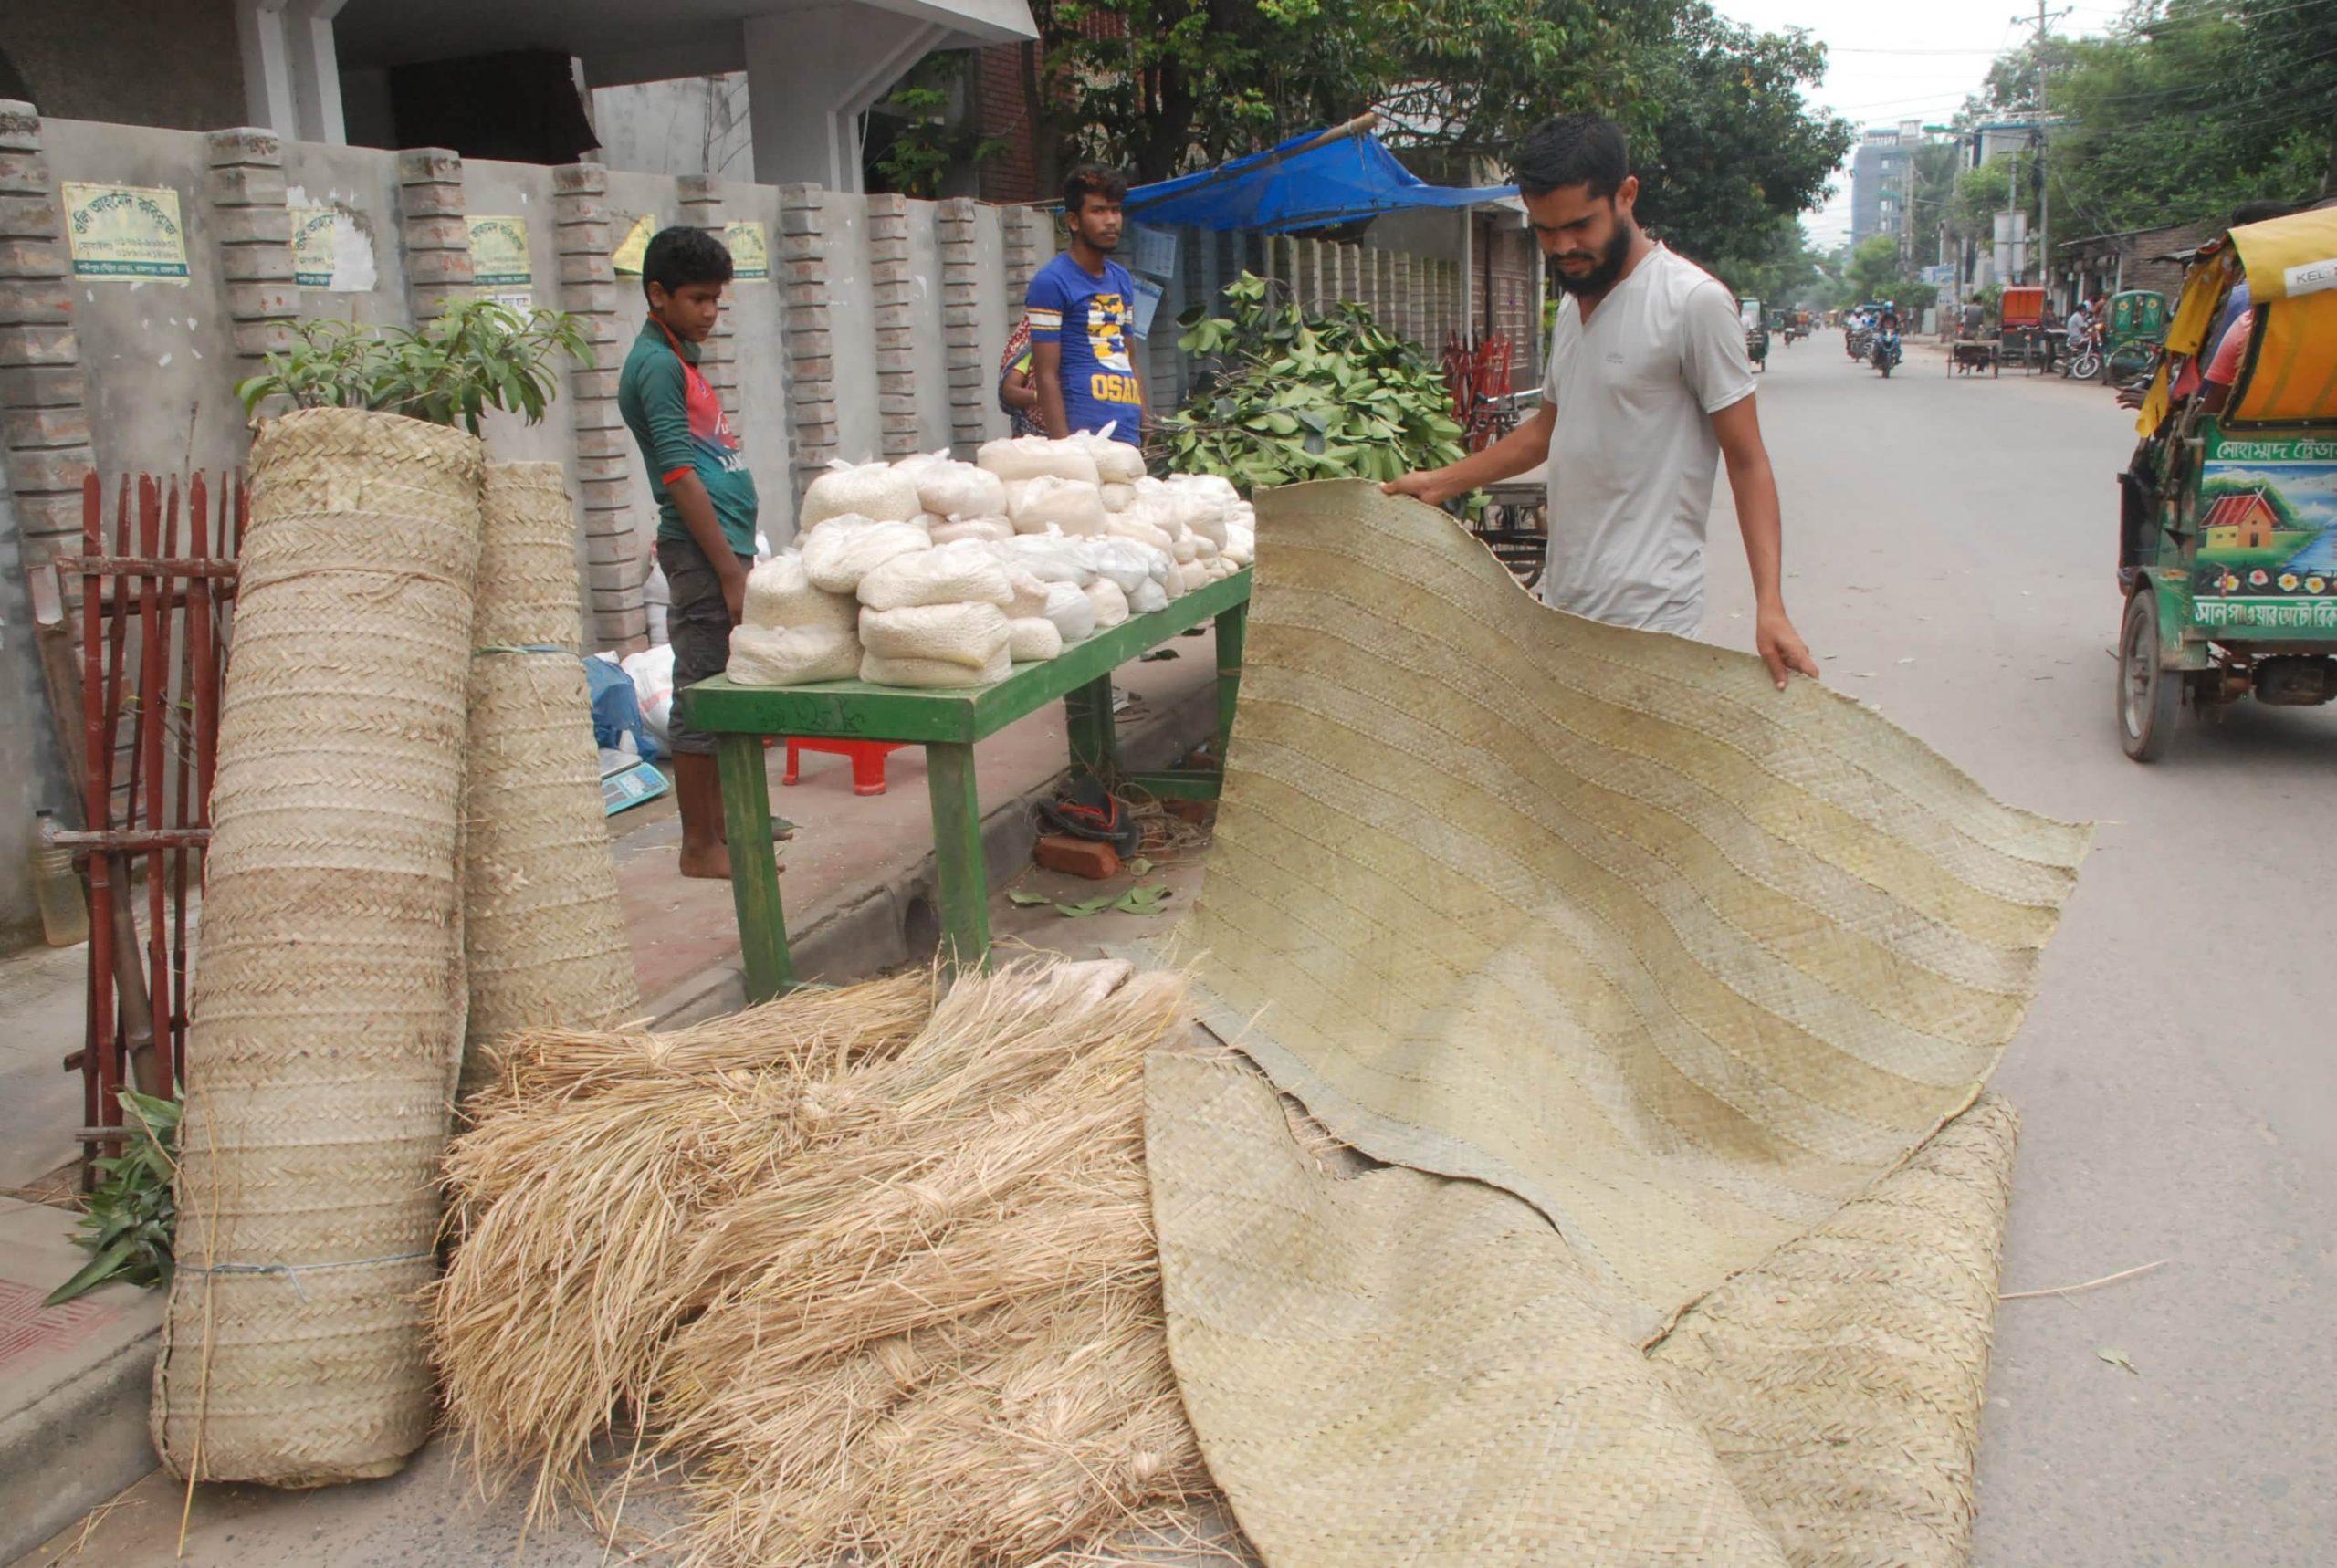 রাজশাহীতে বিক্রি হচ্ছে কোরবানীর পশুর গোস্ত তৈরীর উপকরণ